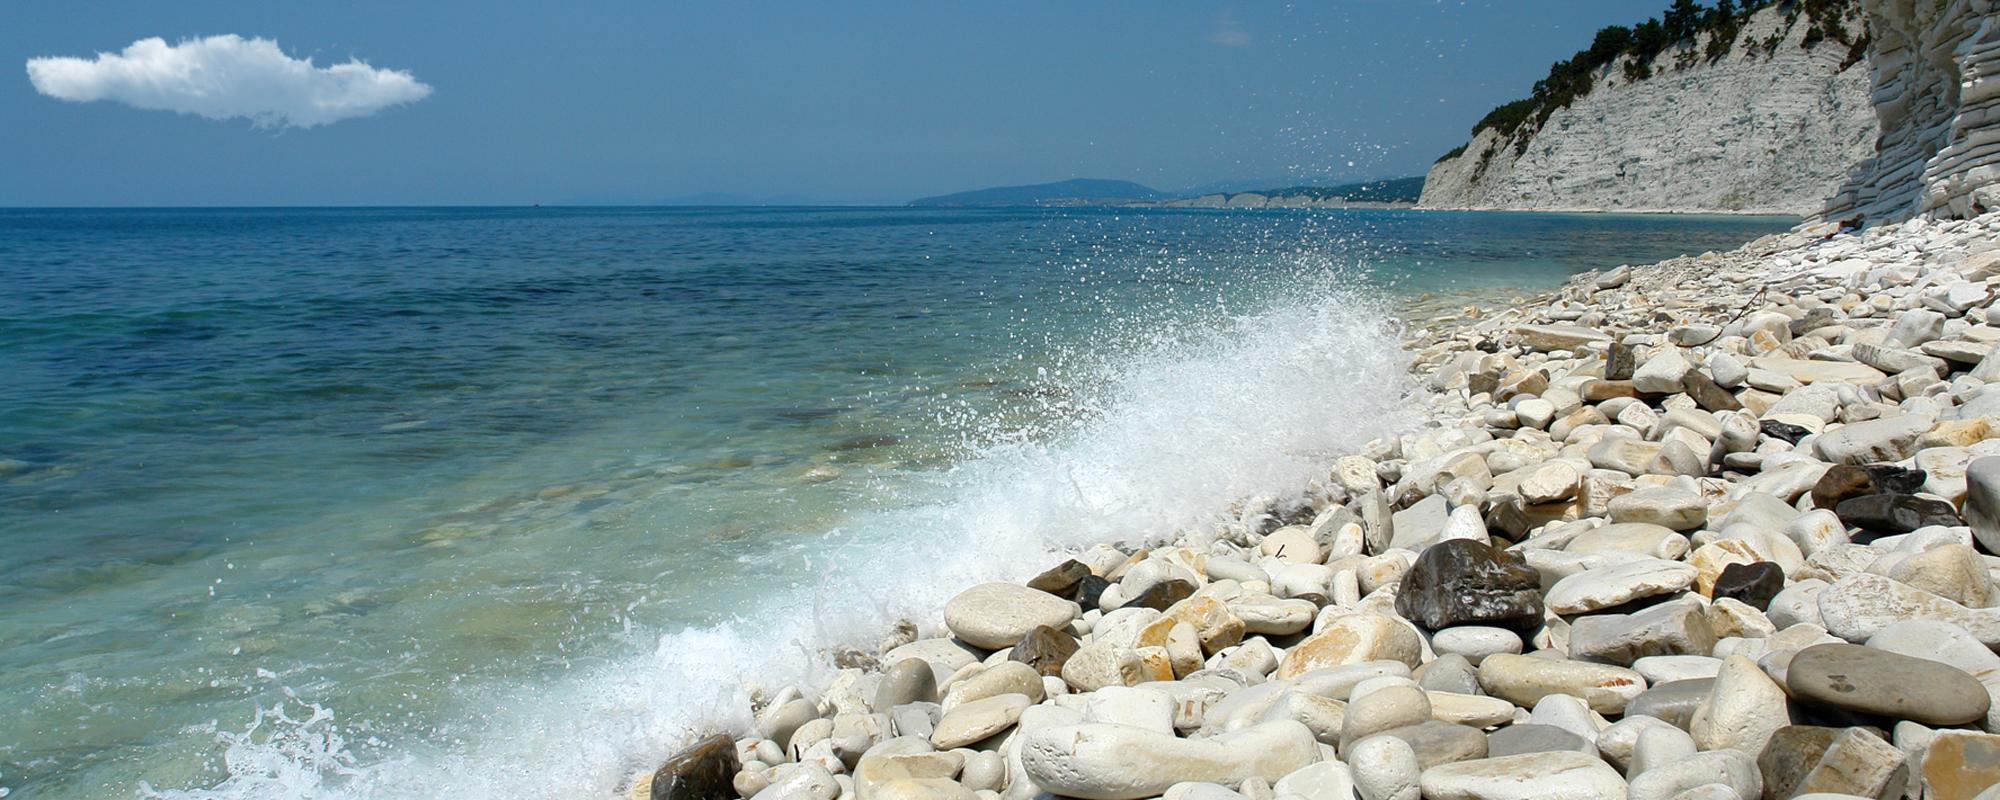 Пос дивноморское фото пляжей и набережной отзывы